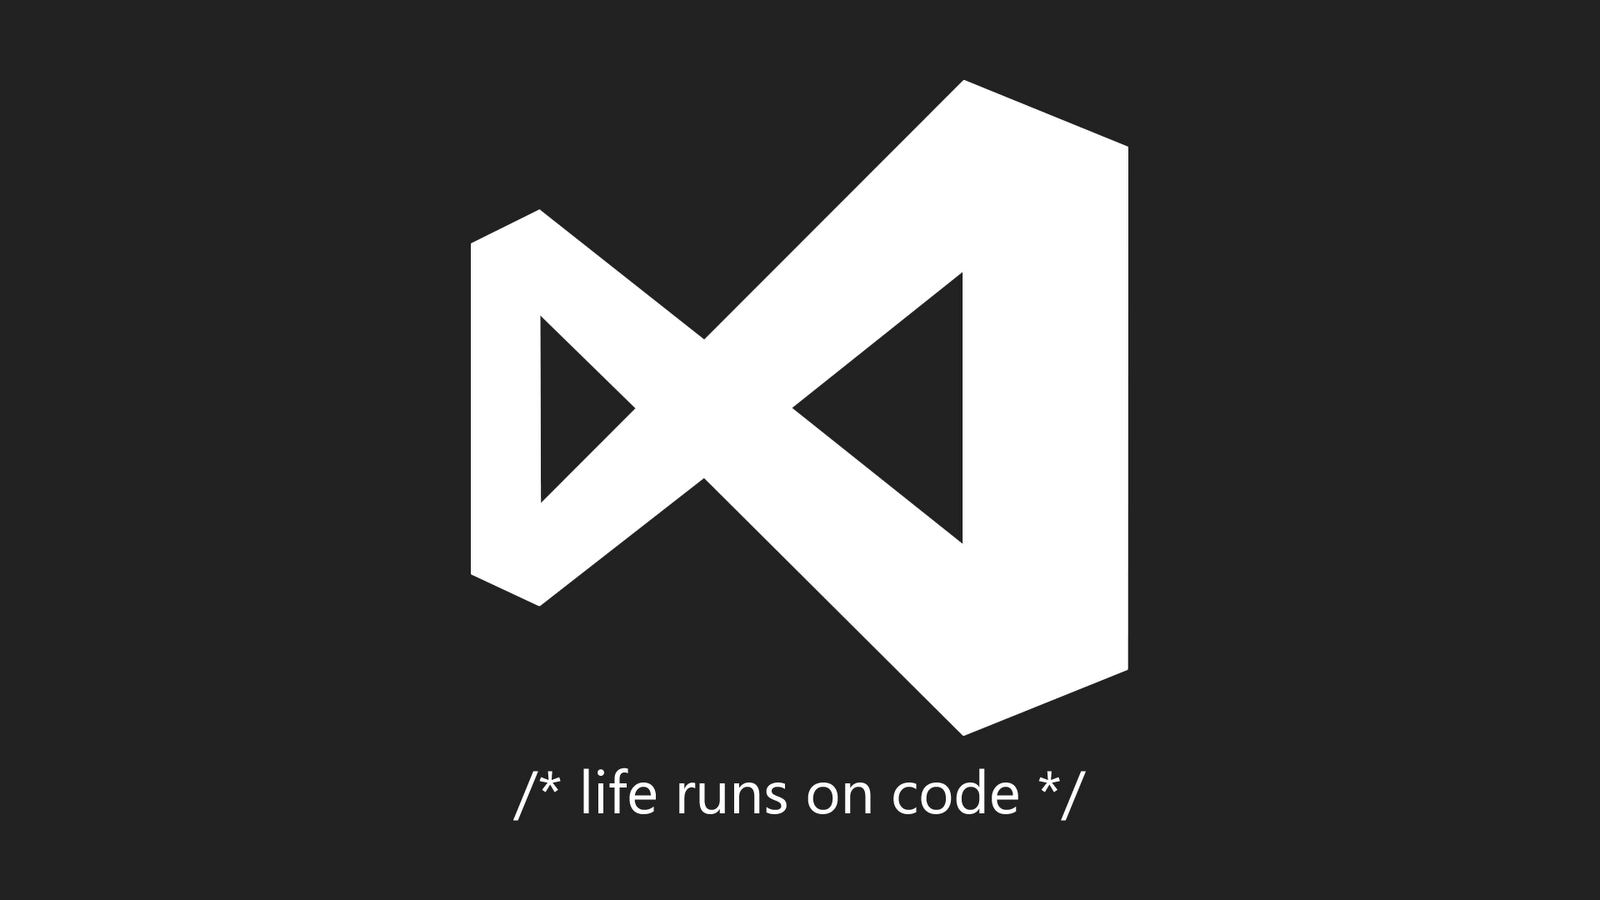 Hd wallpaper usa - Visual Studio Hd Wallpapers Wallpapersafari